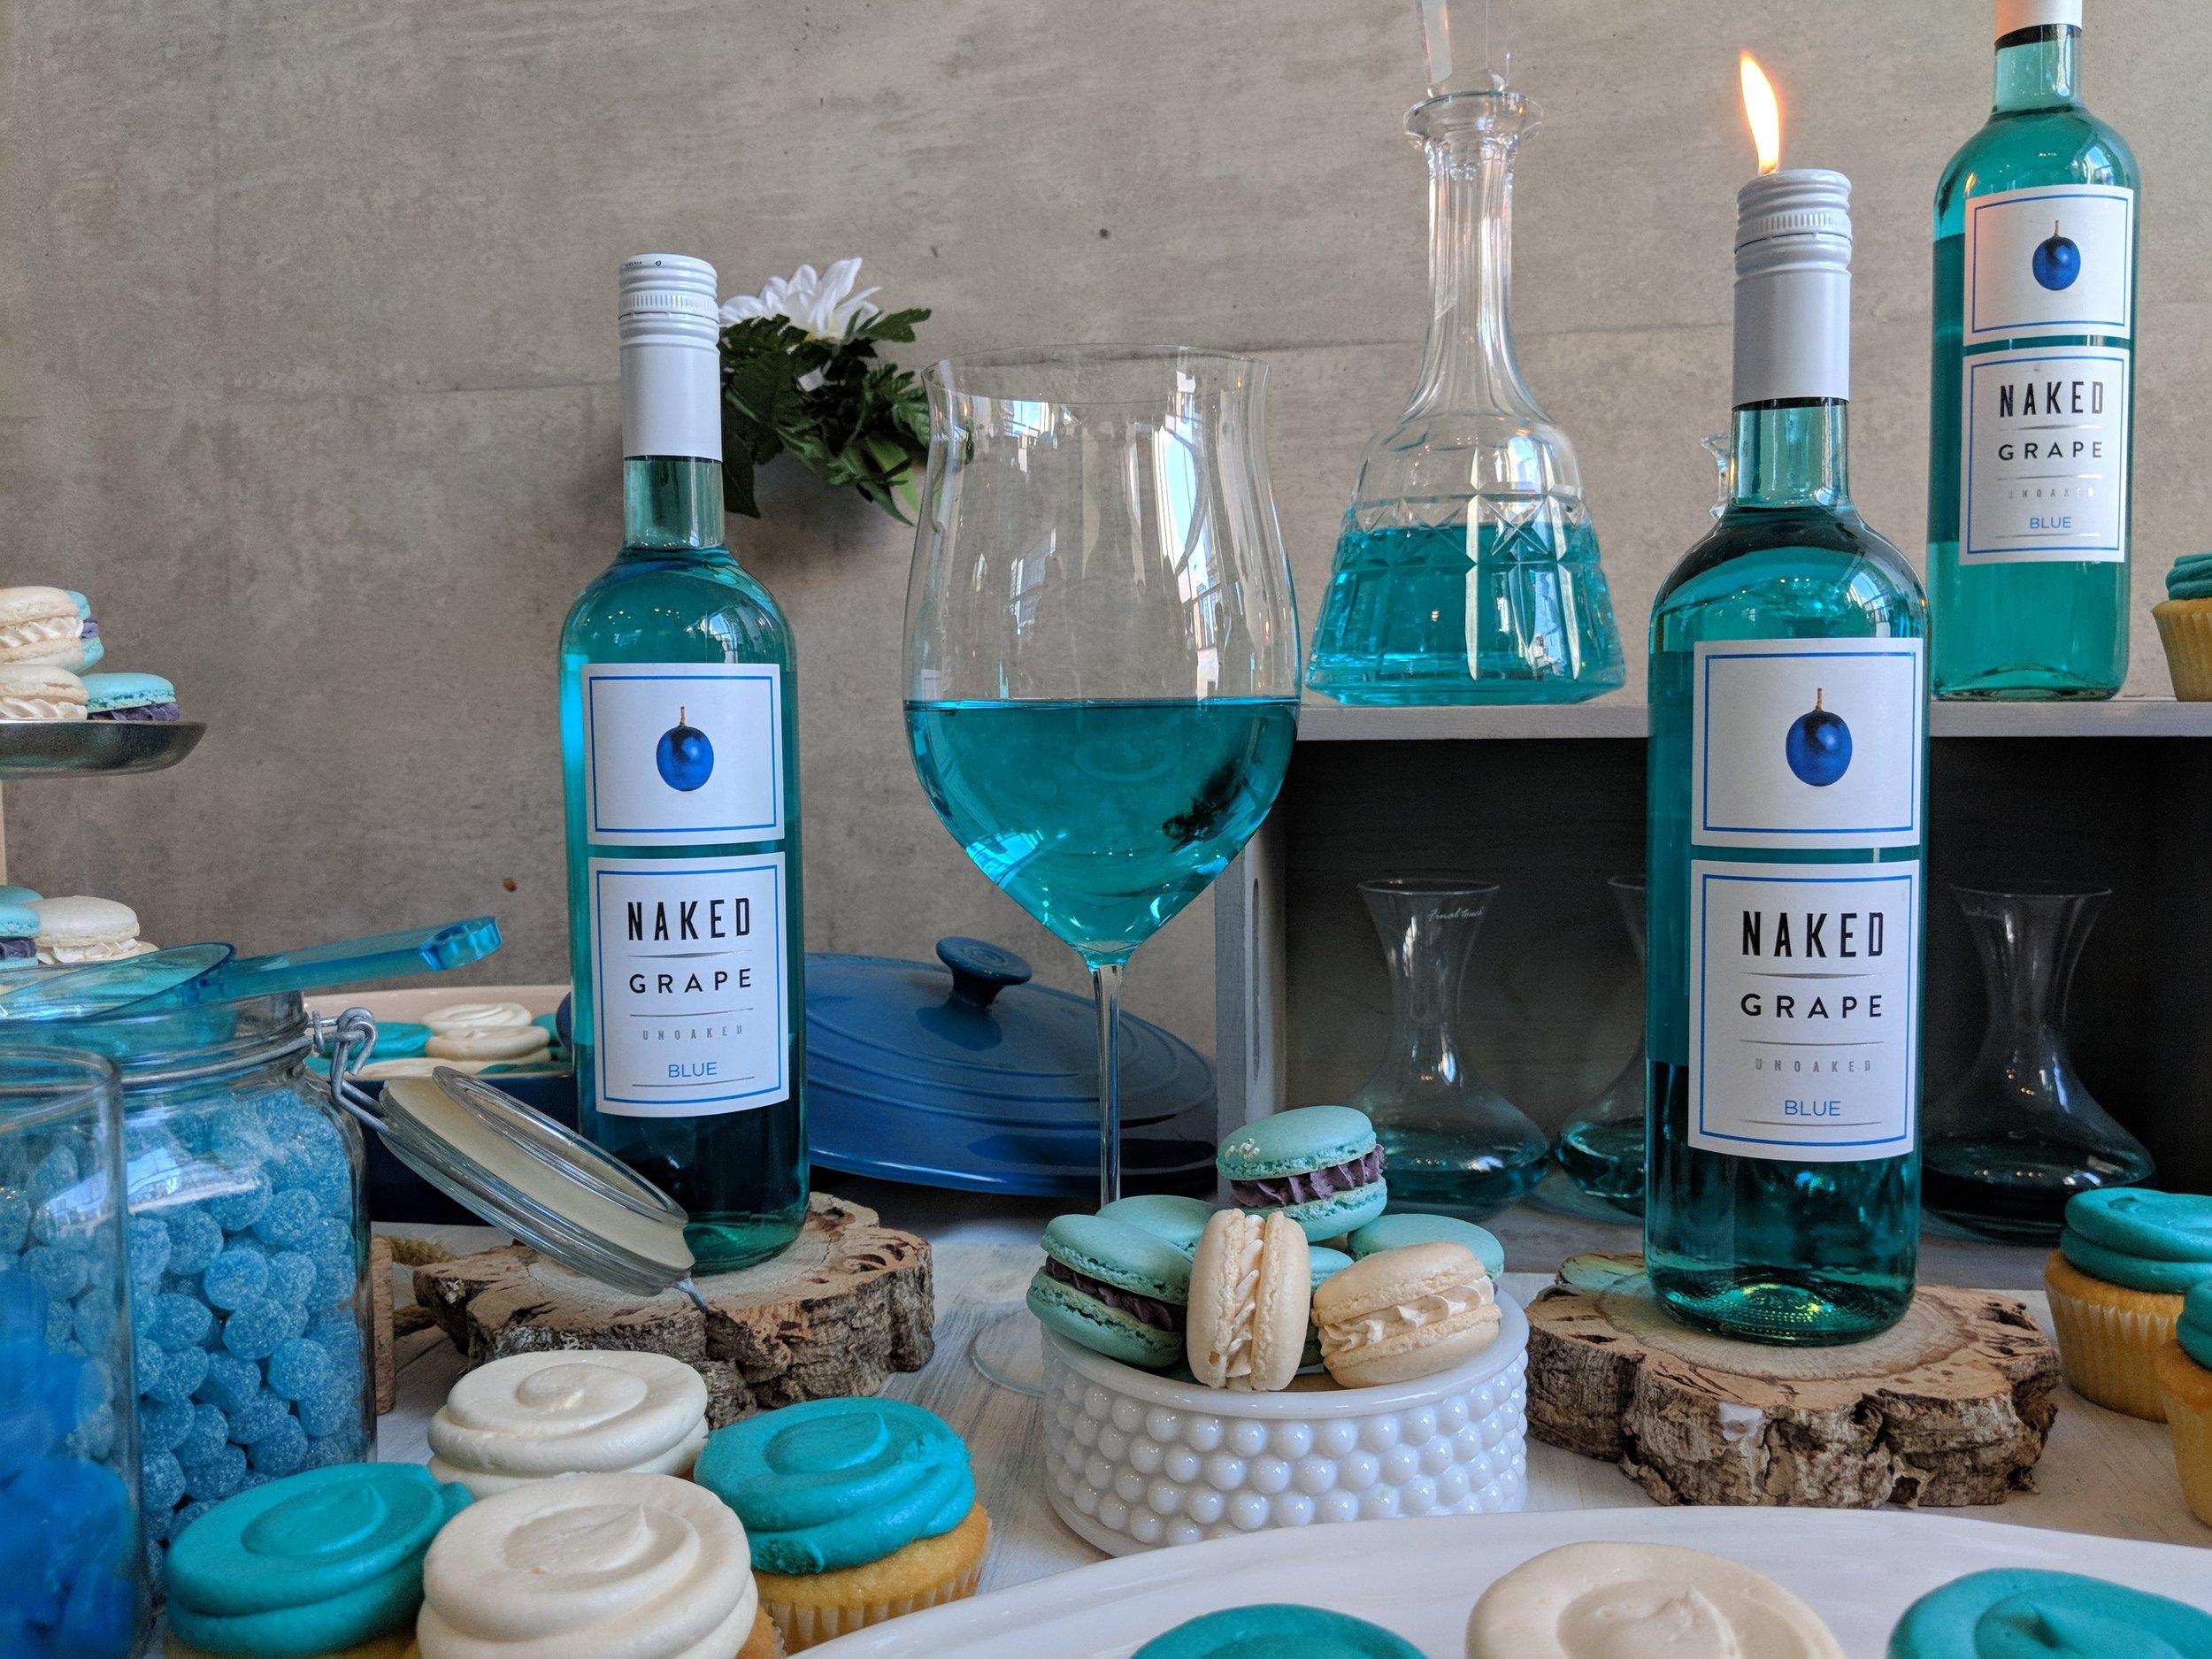 naked grape blue wine ontario